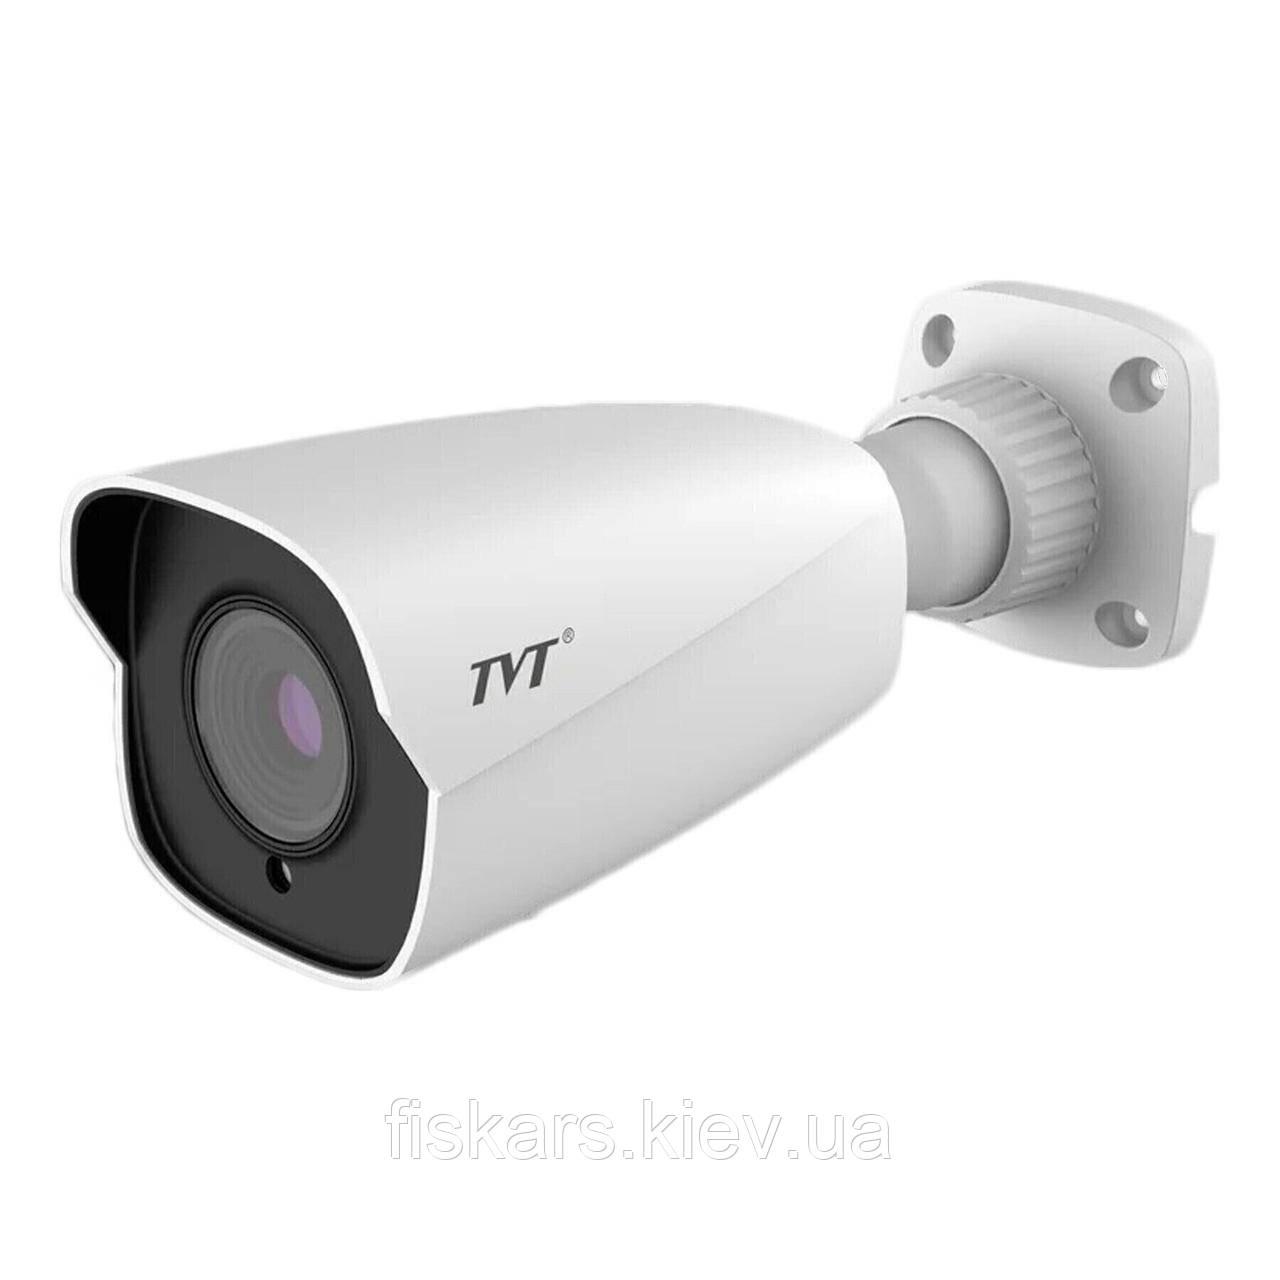 5 Мп мережева відеокамера TVT Digital TD-9452S3A (D/FZ/PE/AR3)